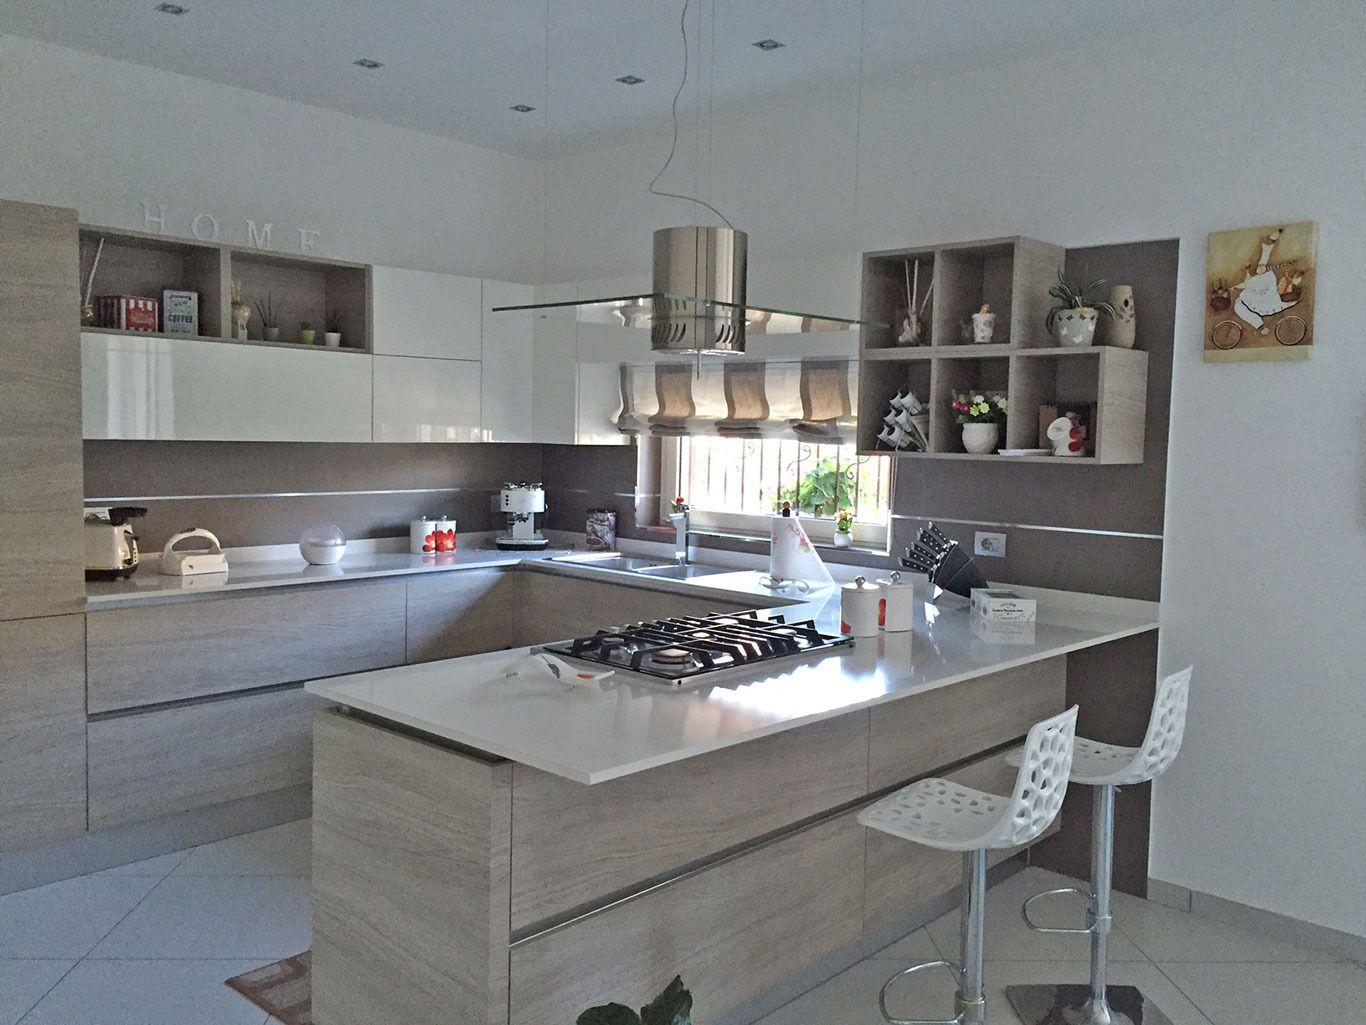 Cucine A U Piccolecucine Piccole Vendita Online : Cucine A Scomparsa  #795F52 1366 1025 Cucine Piccole E Colorate